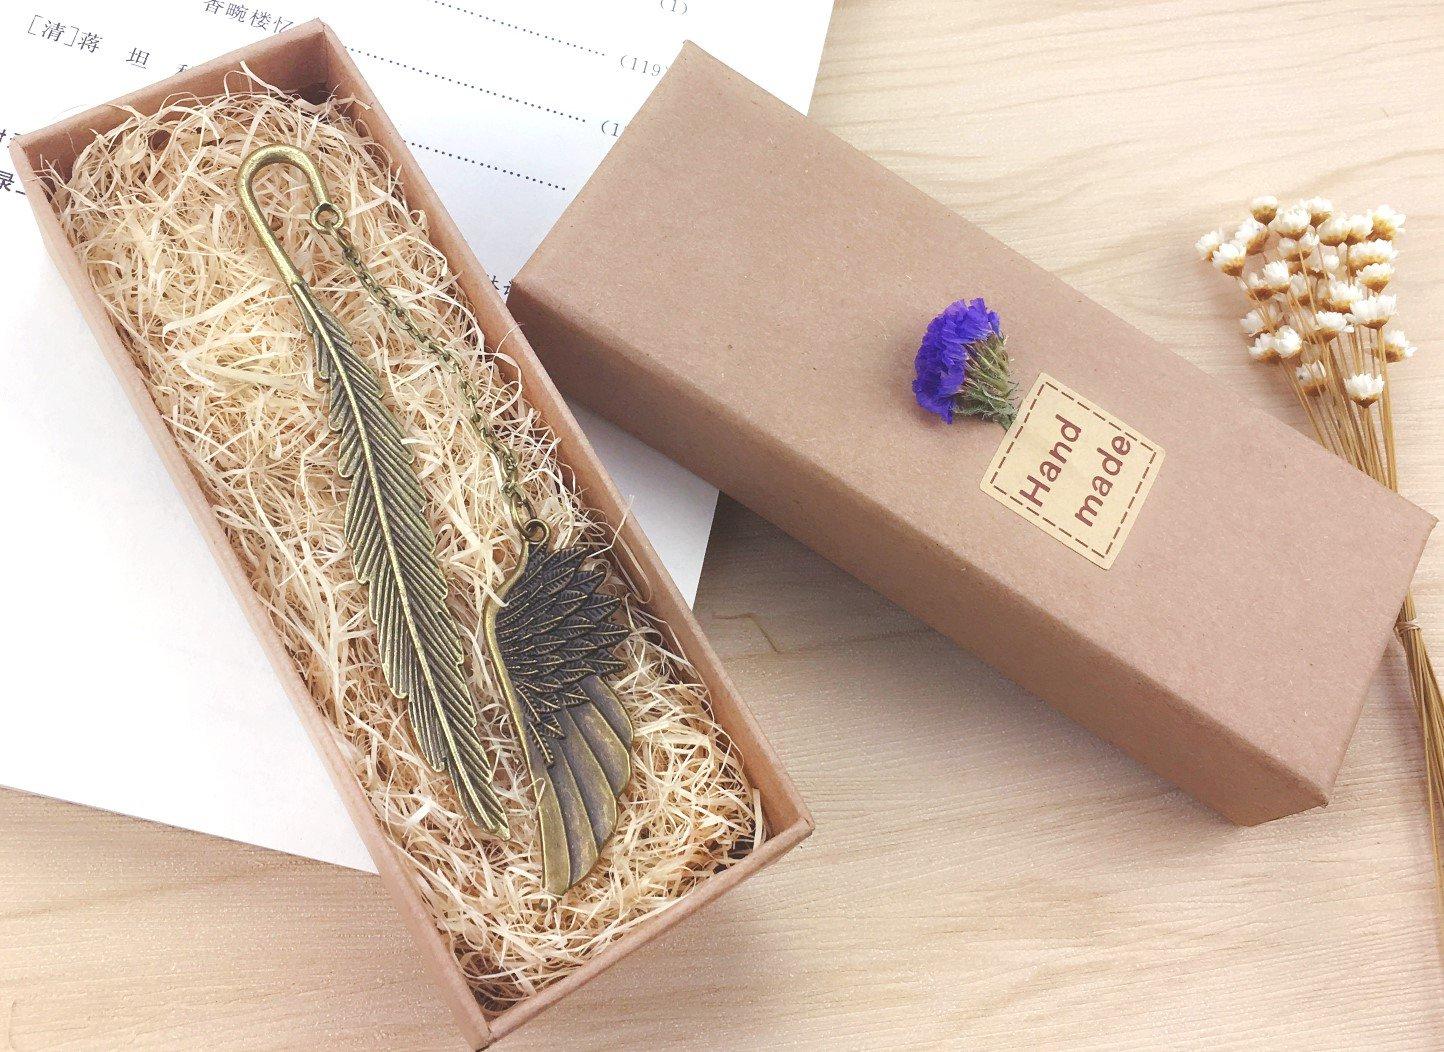 eMosQ Lesezeichen im Feder-Design, handgefertigt, klassisches Design, Metall / Messing, in wunderschöner Geschenkverpackung wing-antique bronze